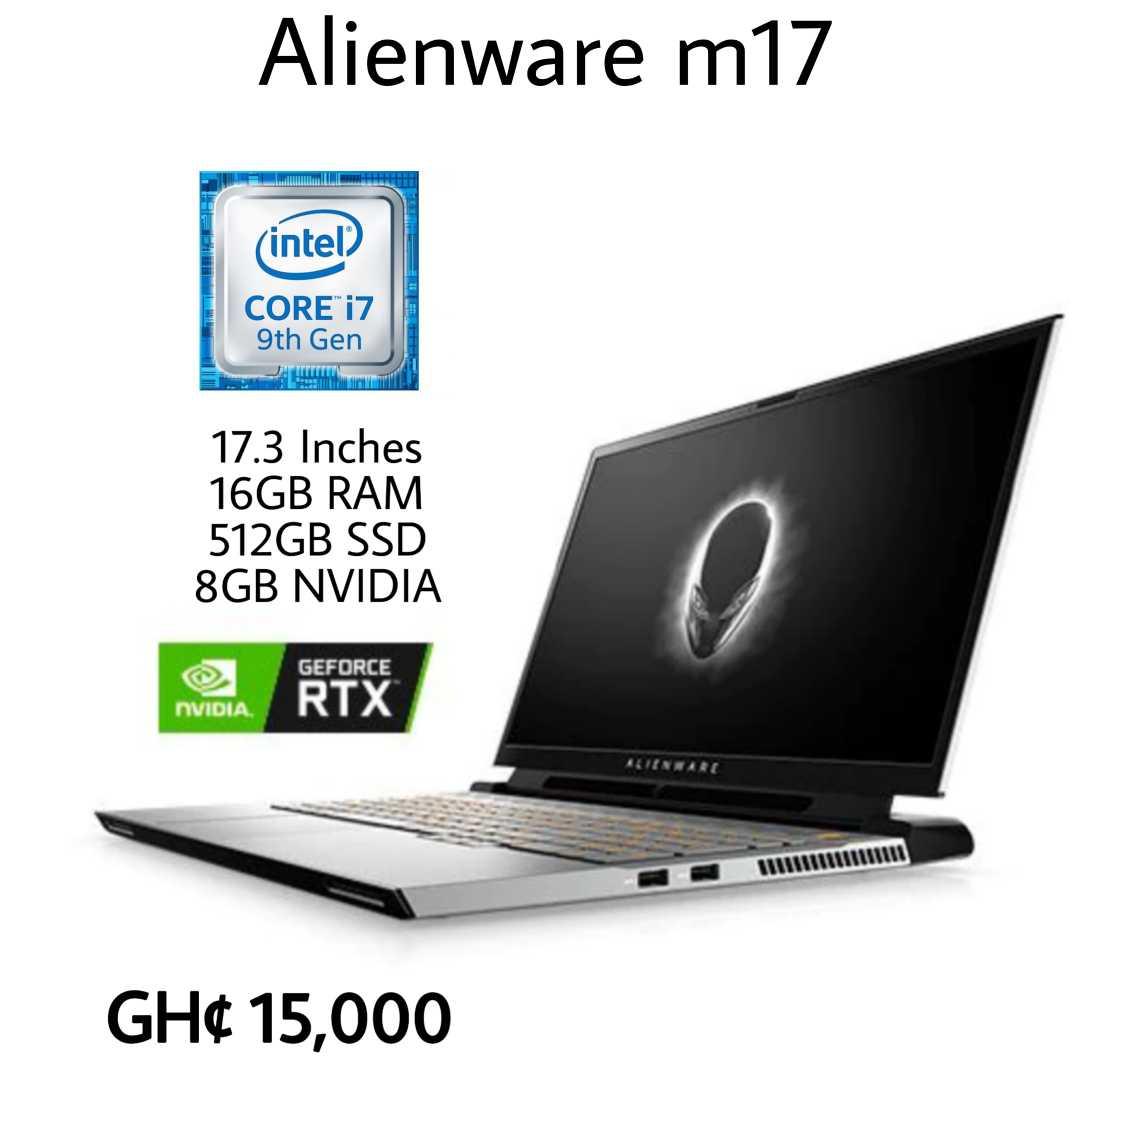 Alienware m17 Core i7 512gb SSD